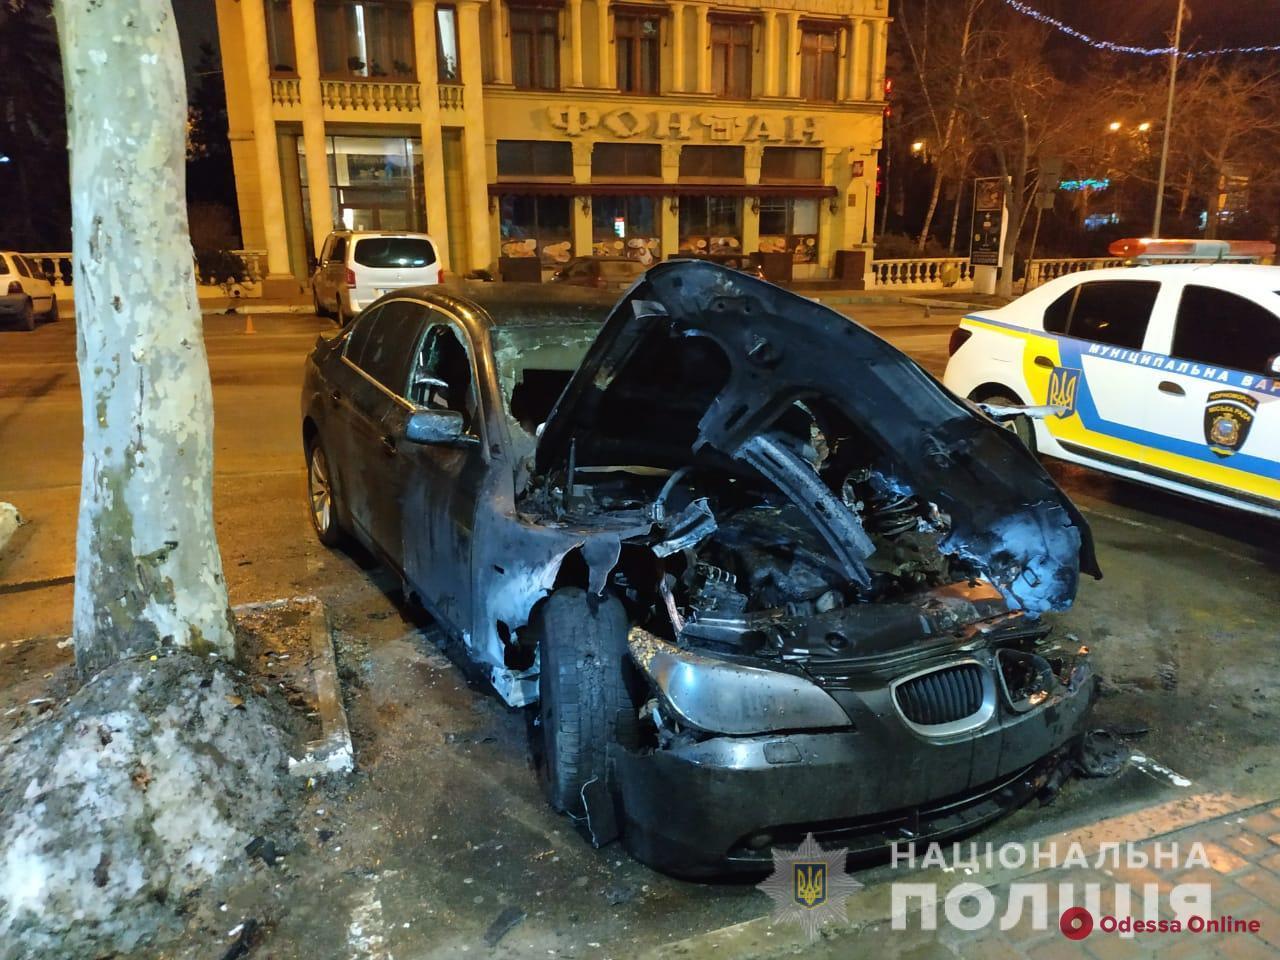 В Черноморске ночью тушили загоревшийся автомобиль (видео, обновлено)